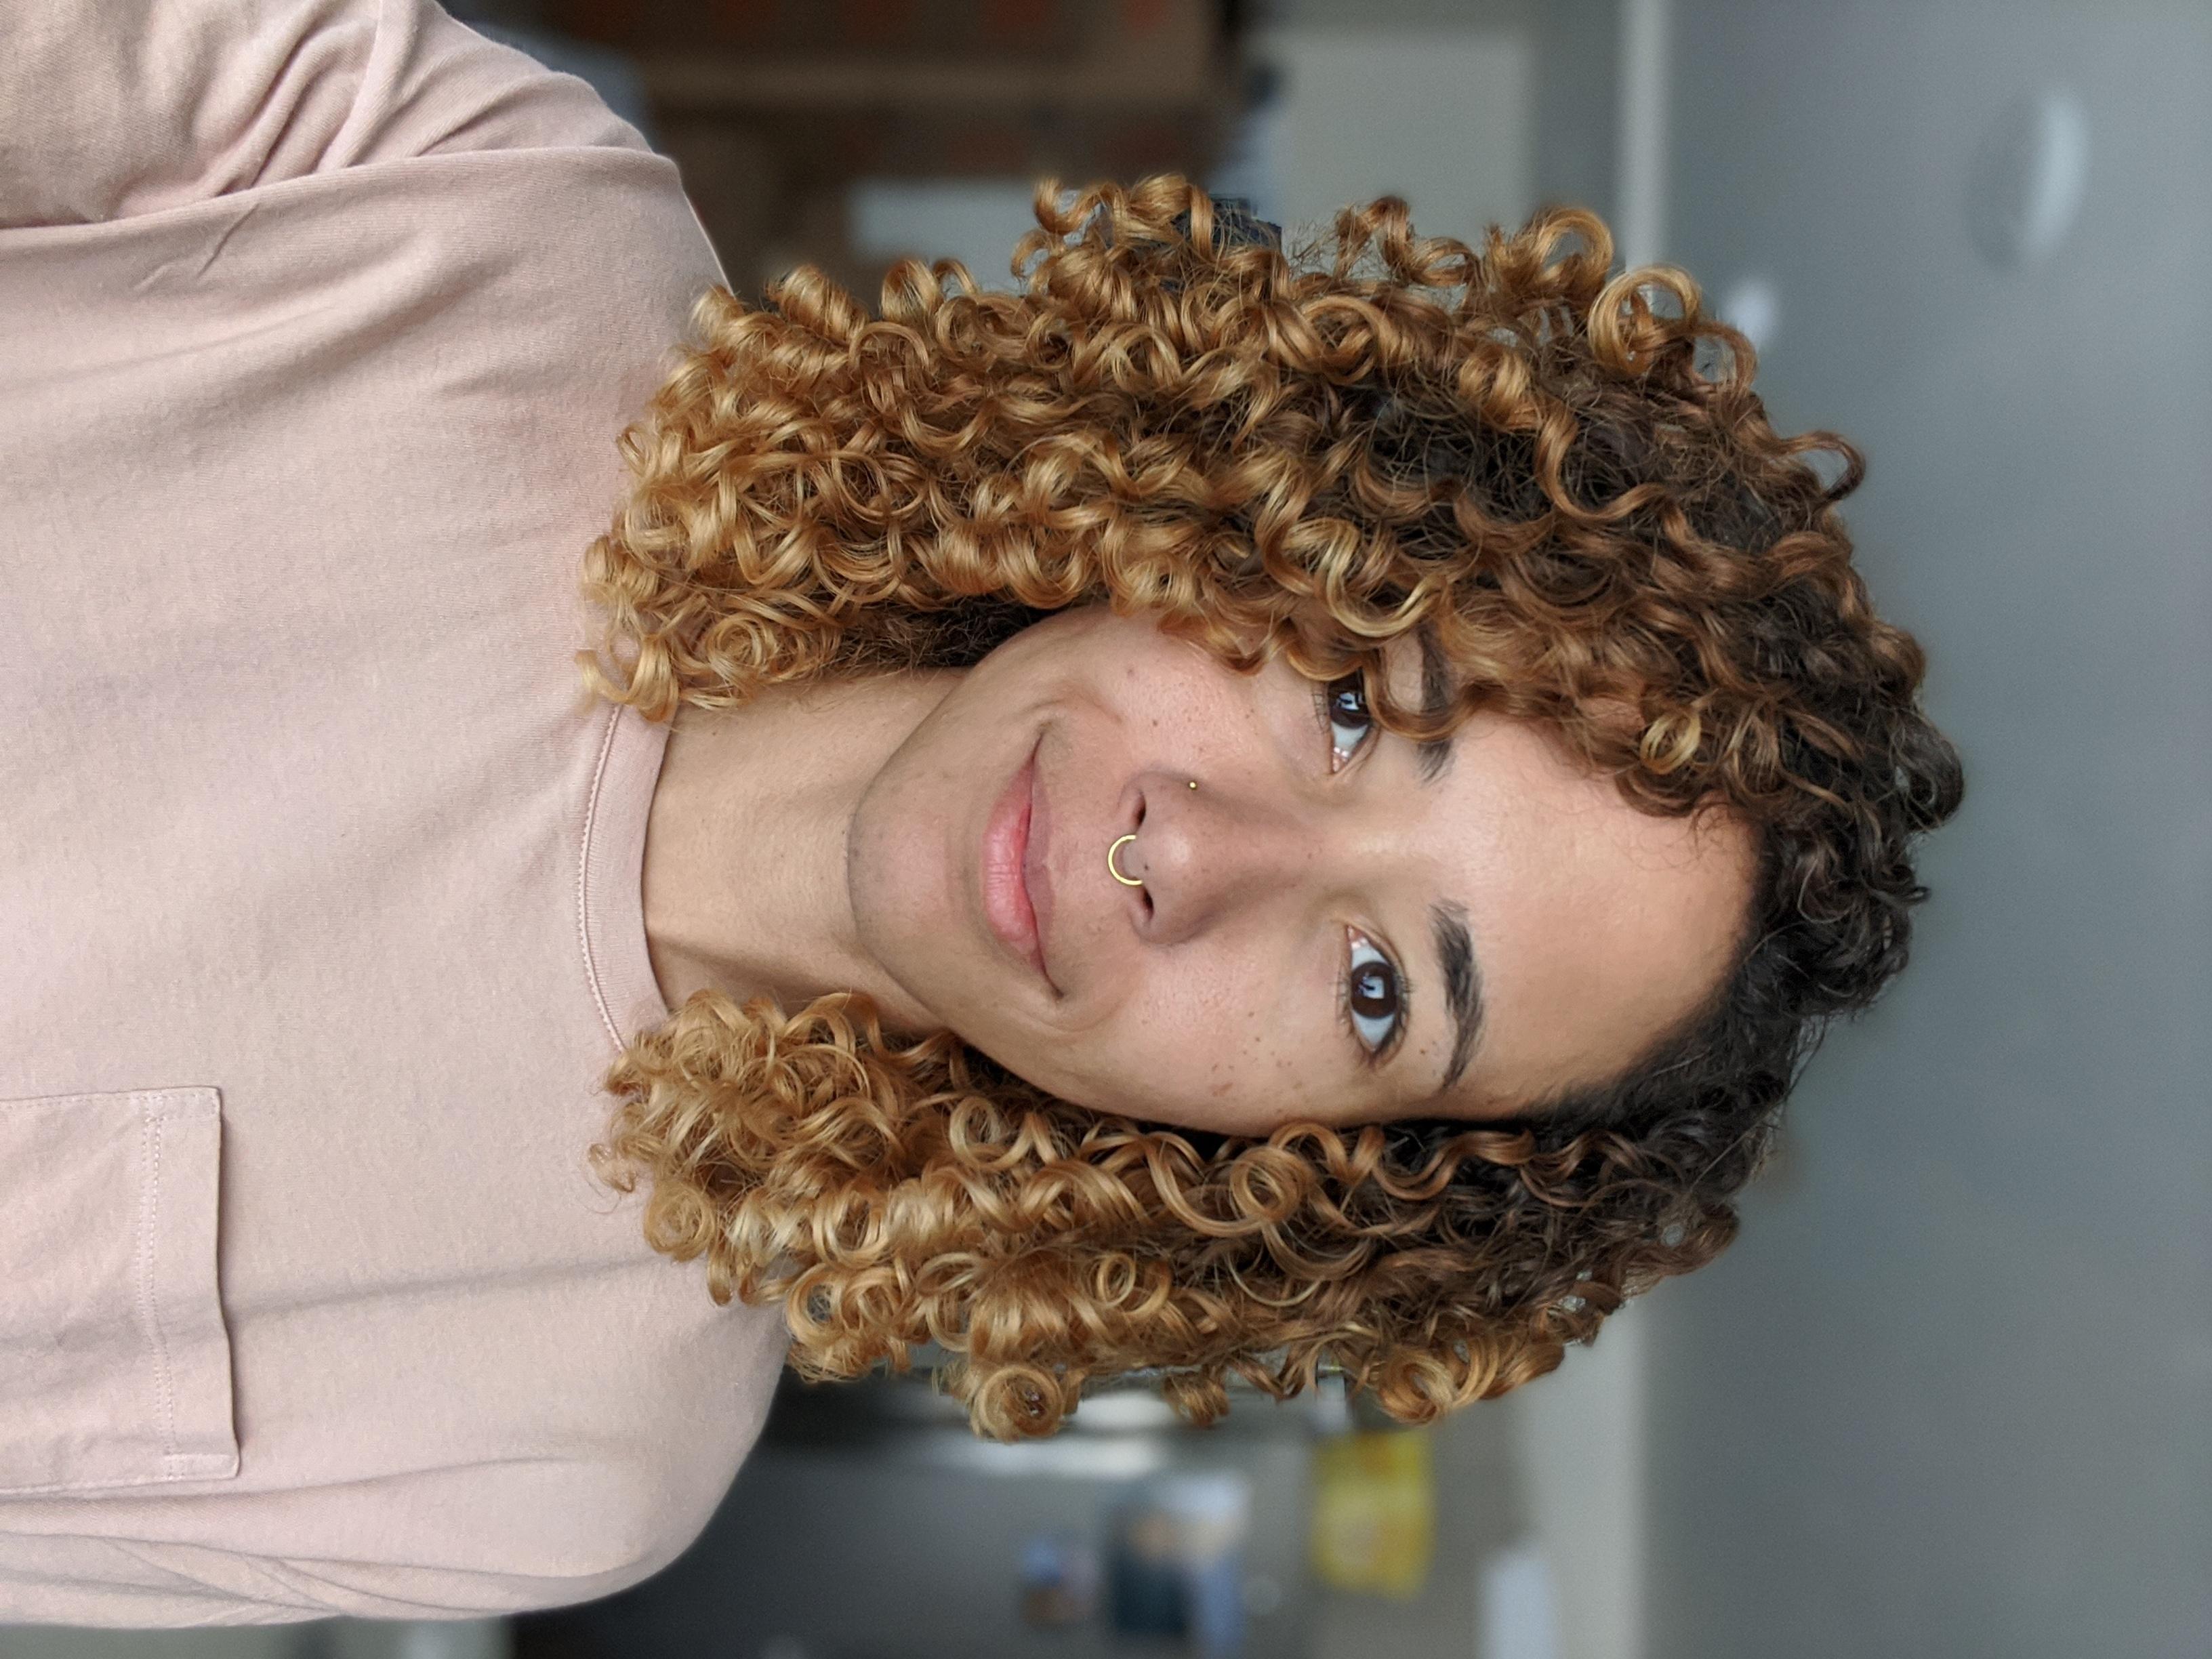 Dr. Meg Pirrung, Ph.D.